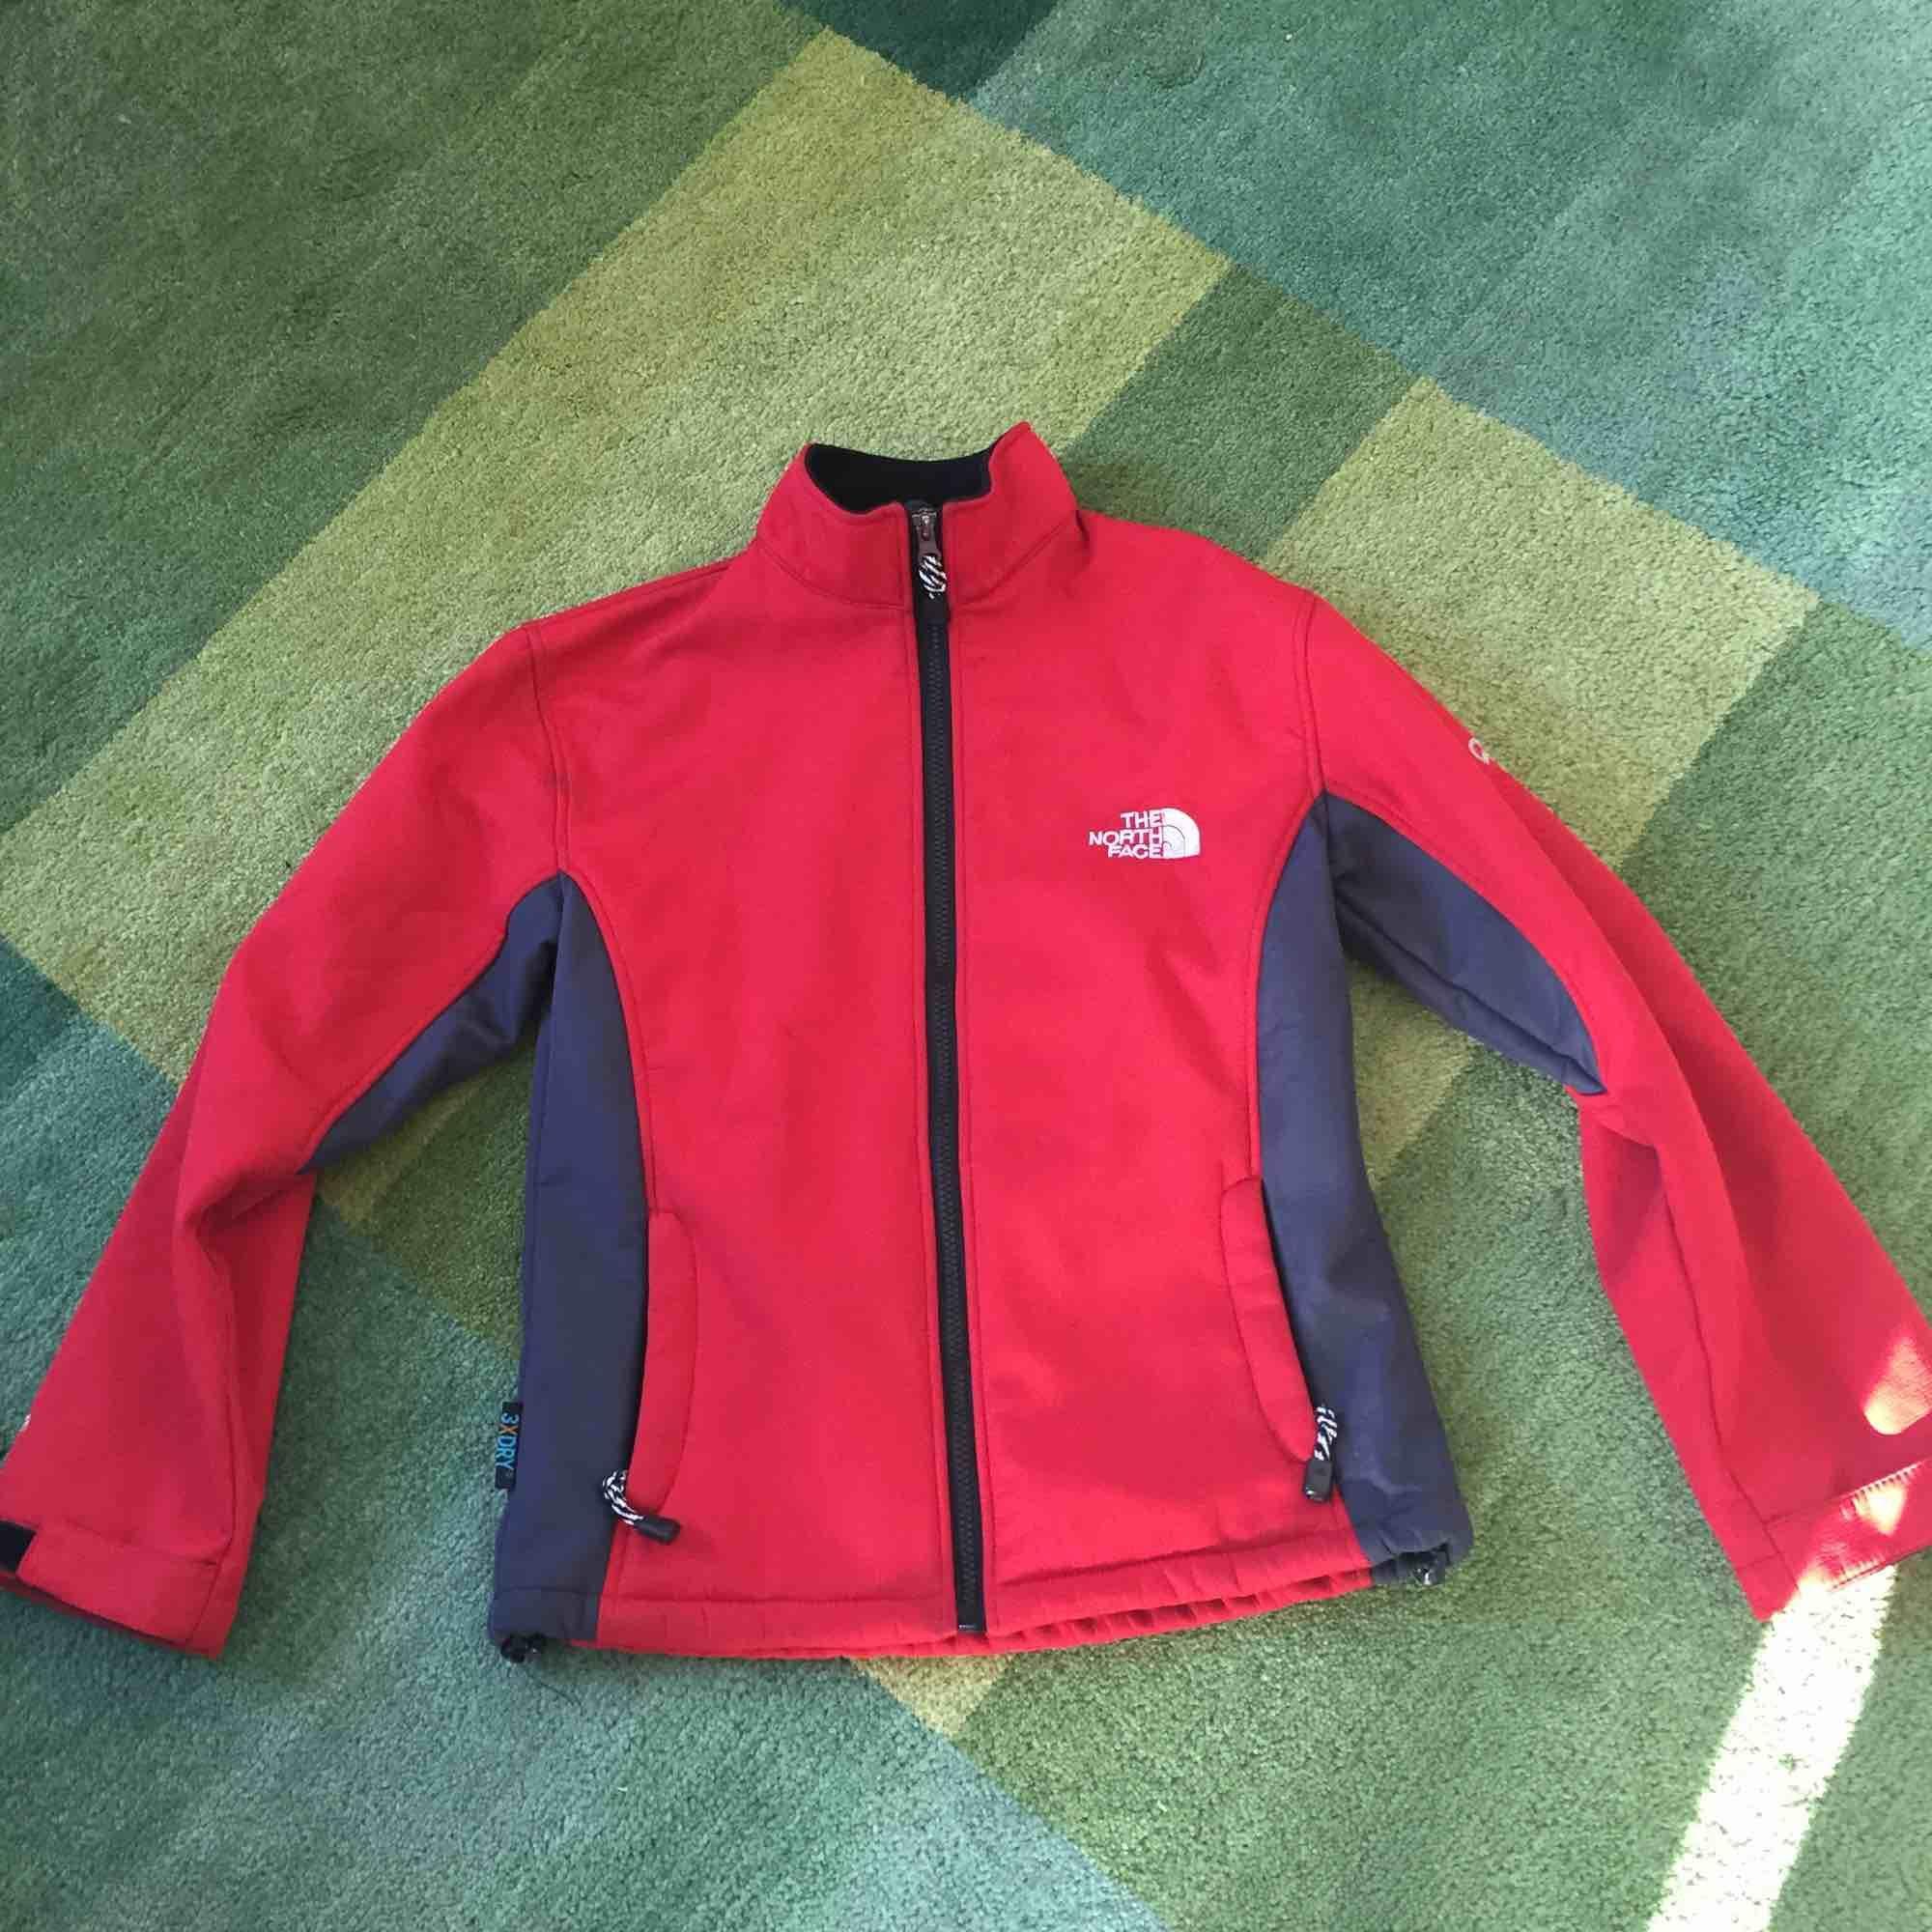 Skön fleece-tröja från North Face. Vindtålig och snabbtorkande.. Tröjor & Koftor.